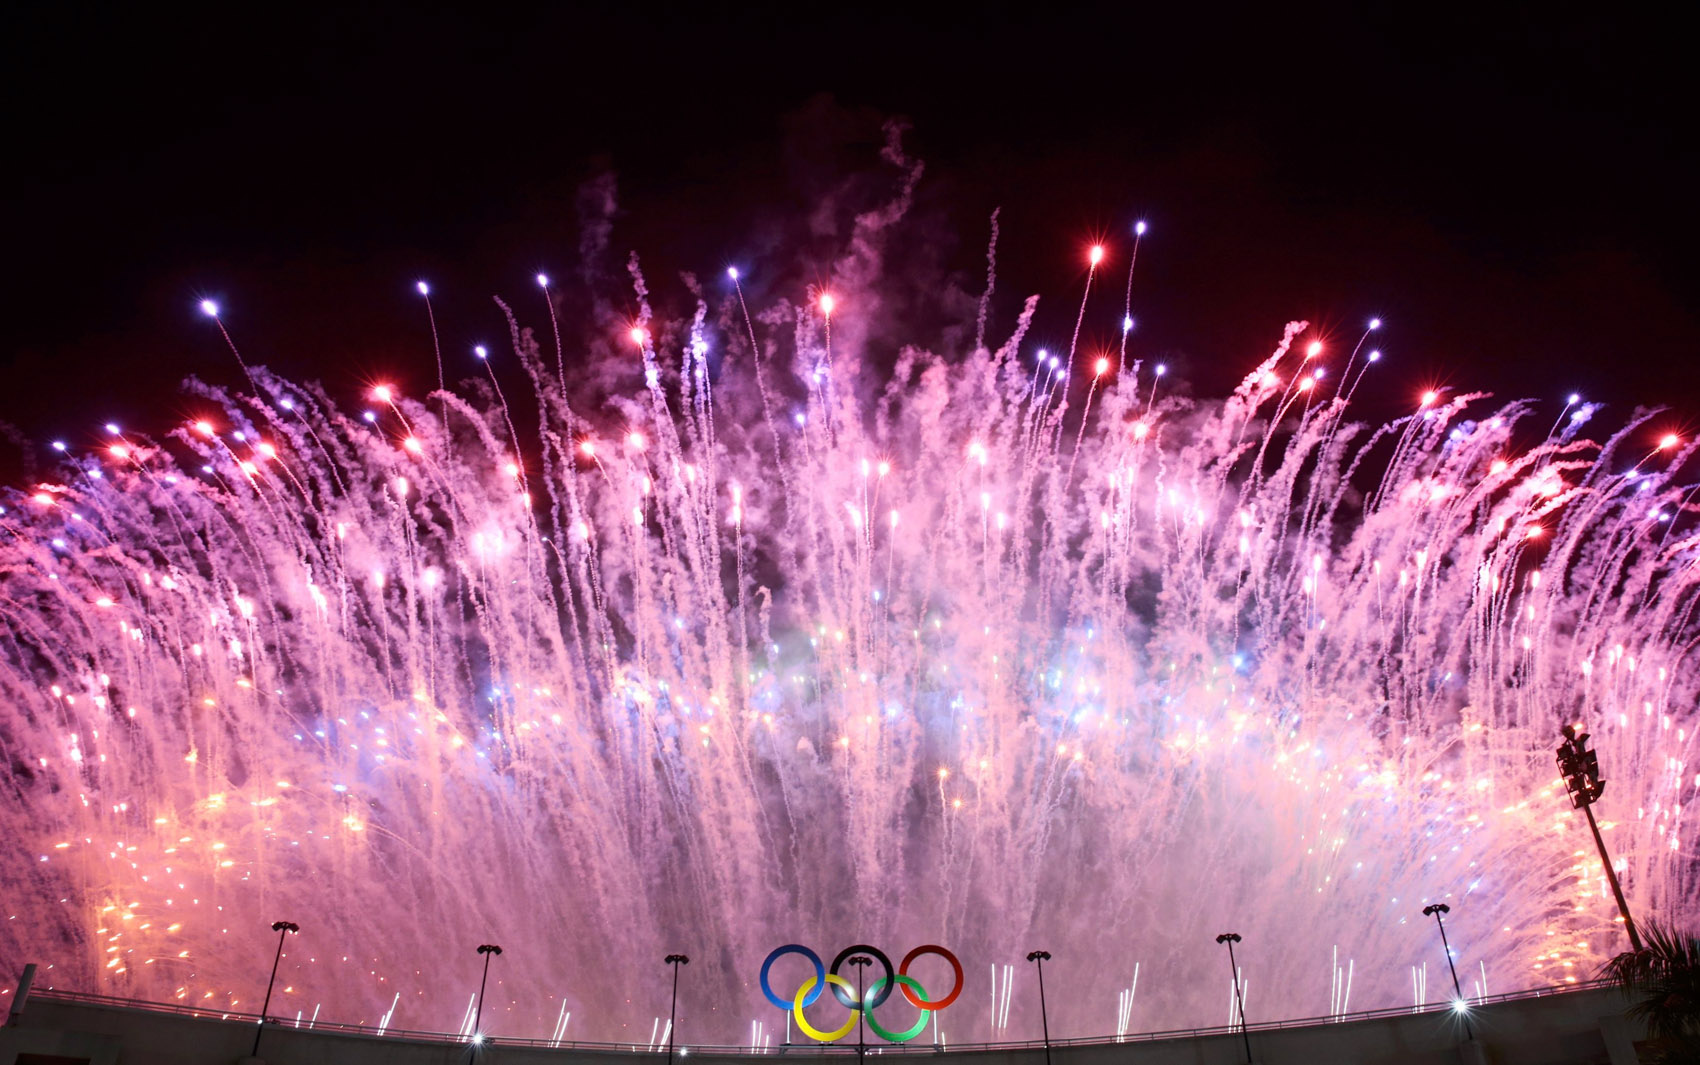 Fogos de artifício explodem durante o final da abertura dos Jogos Olímpicos Rio 2016 no estádio do Maracanã